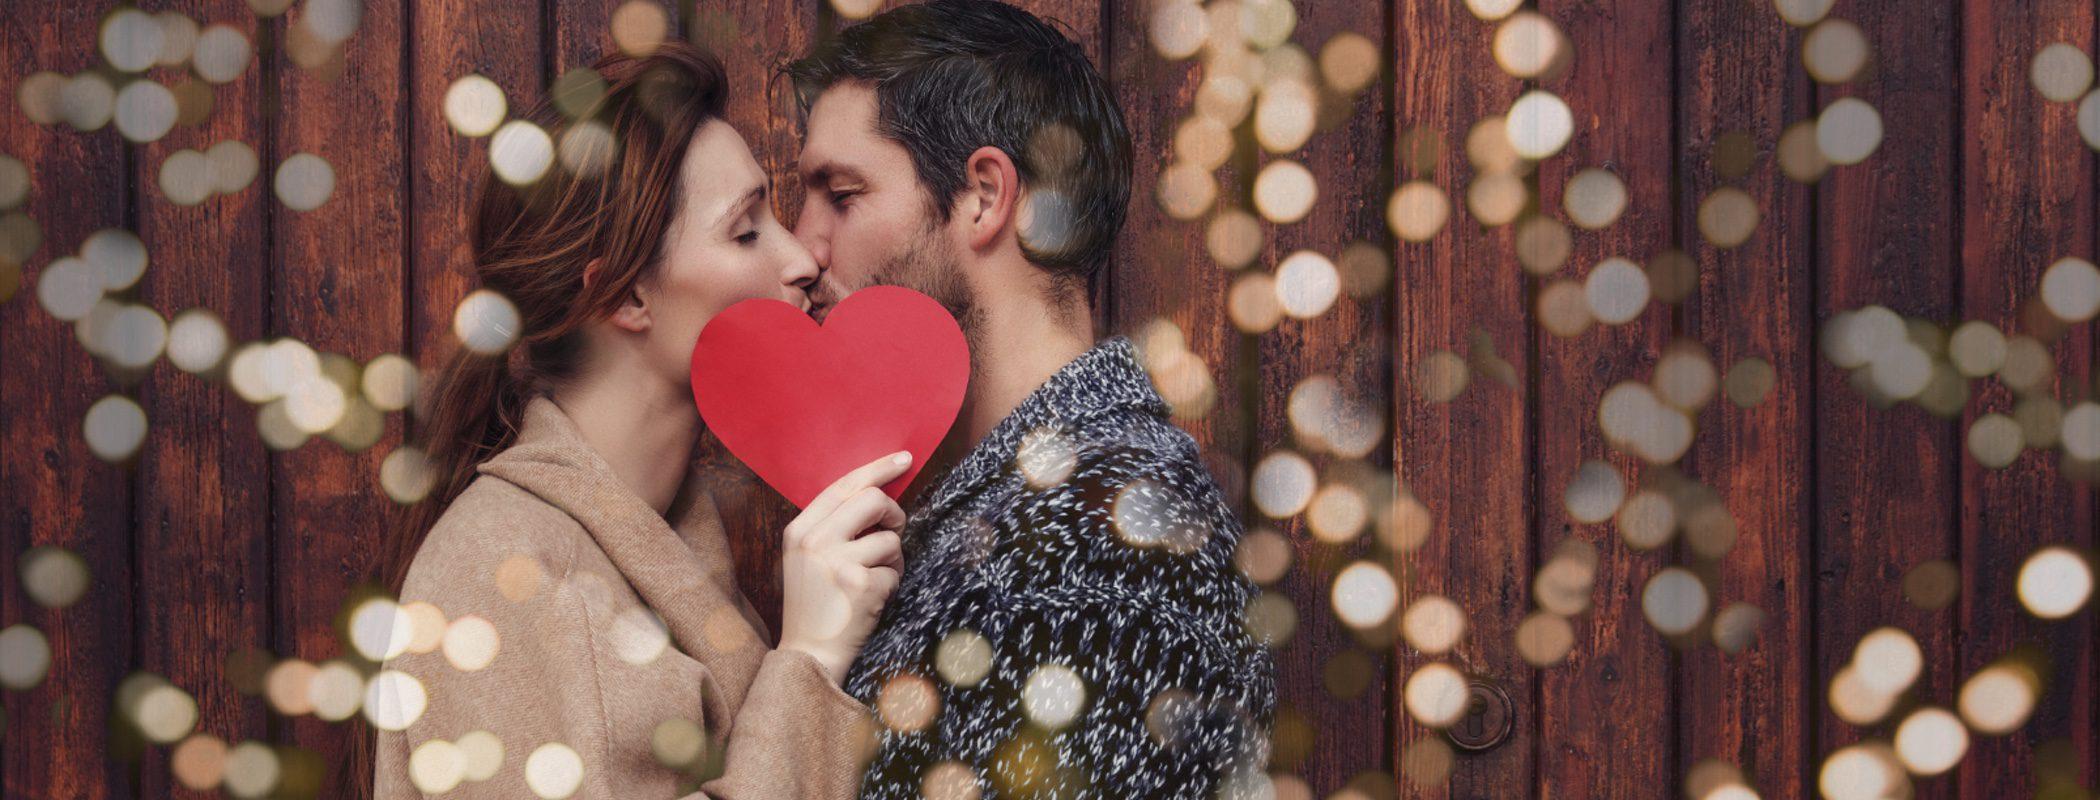 Manualidades y regalos que puedes hacer tú mismo para San Valentín